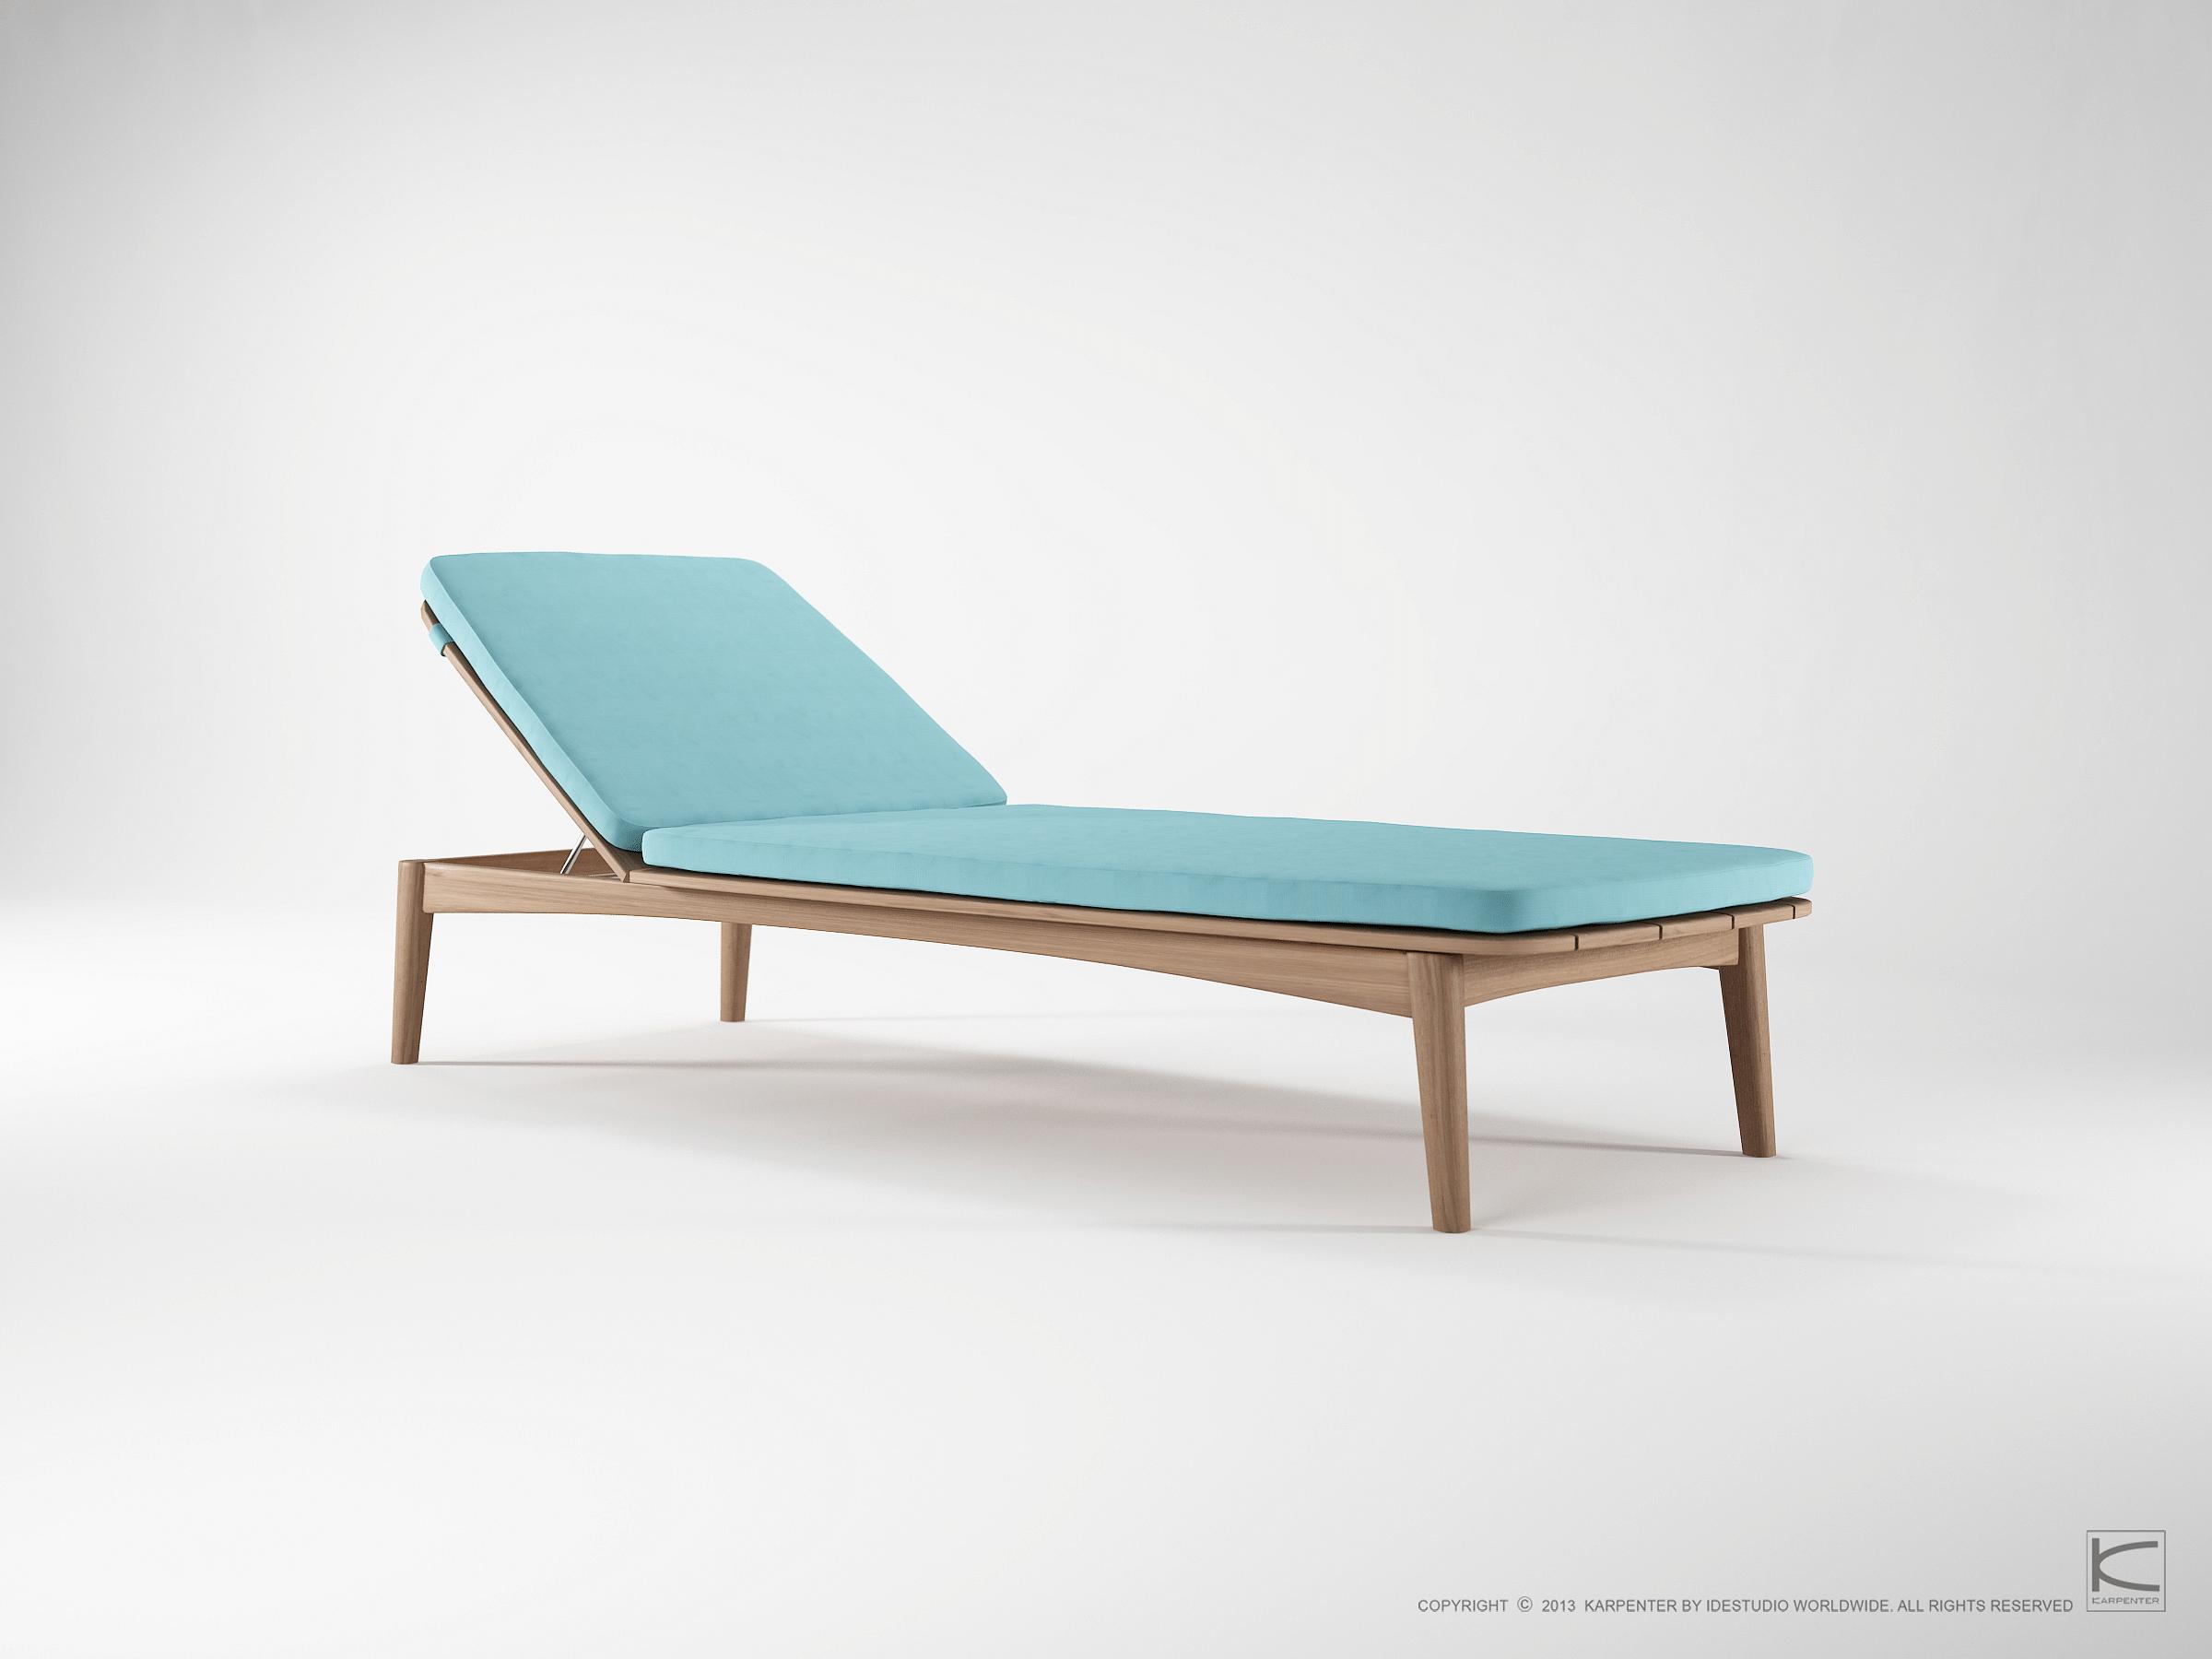 Mountain Teak, sun bed, Sunbrella, outdoor furniture, teak, wood furniture